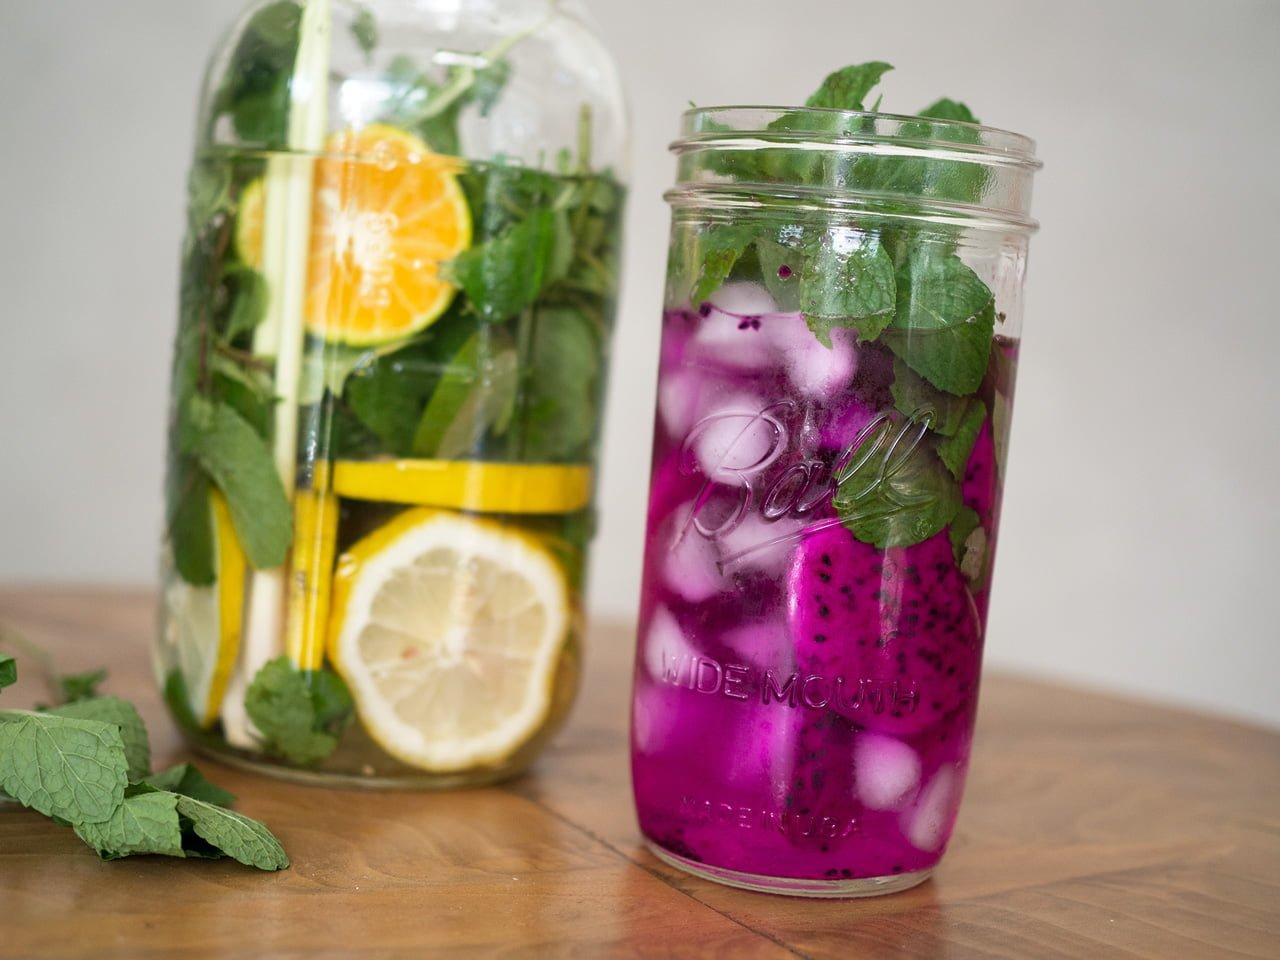 naturligt smaksatt vatten infused water